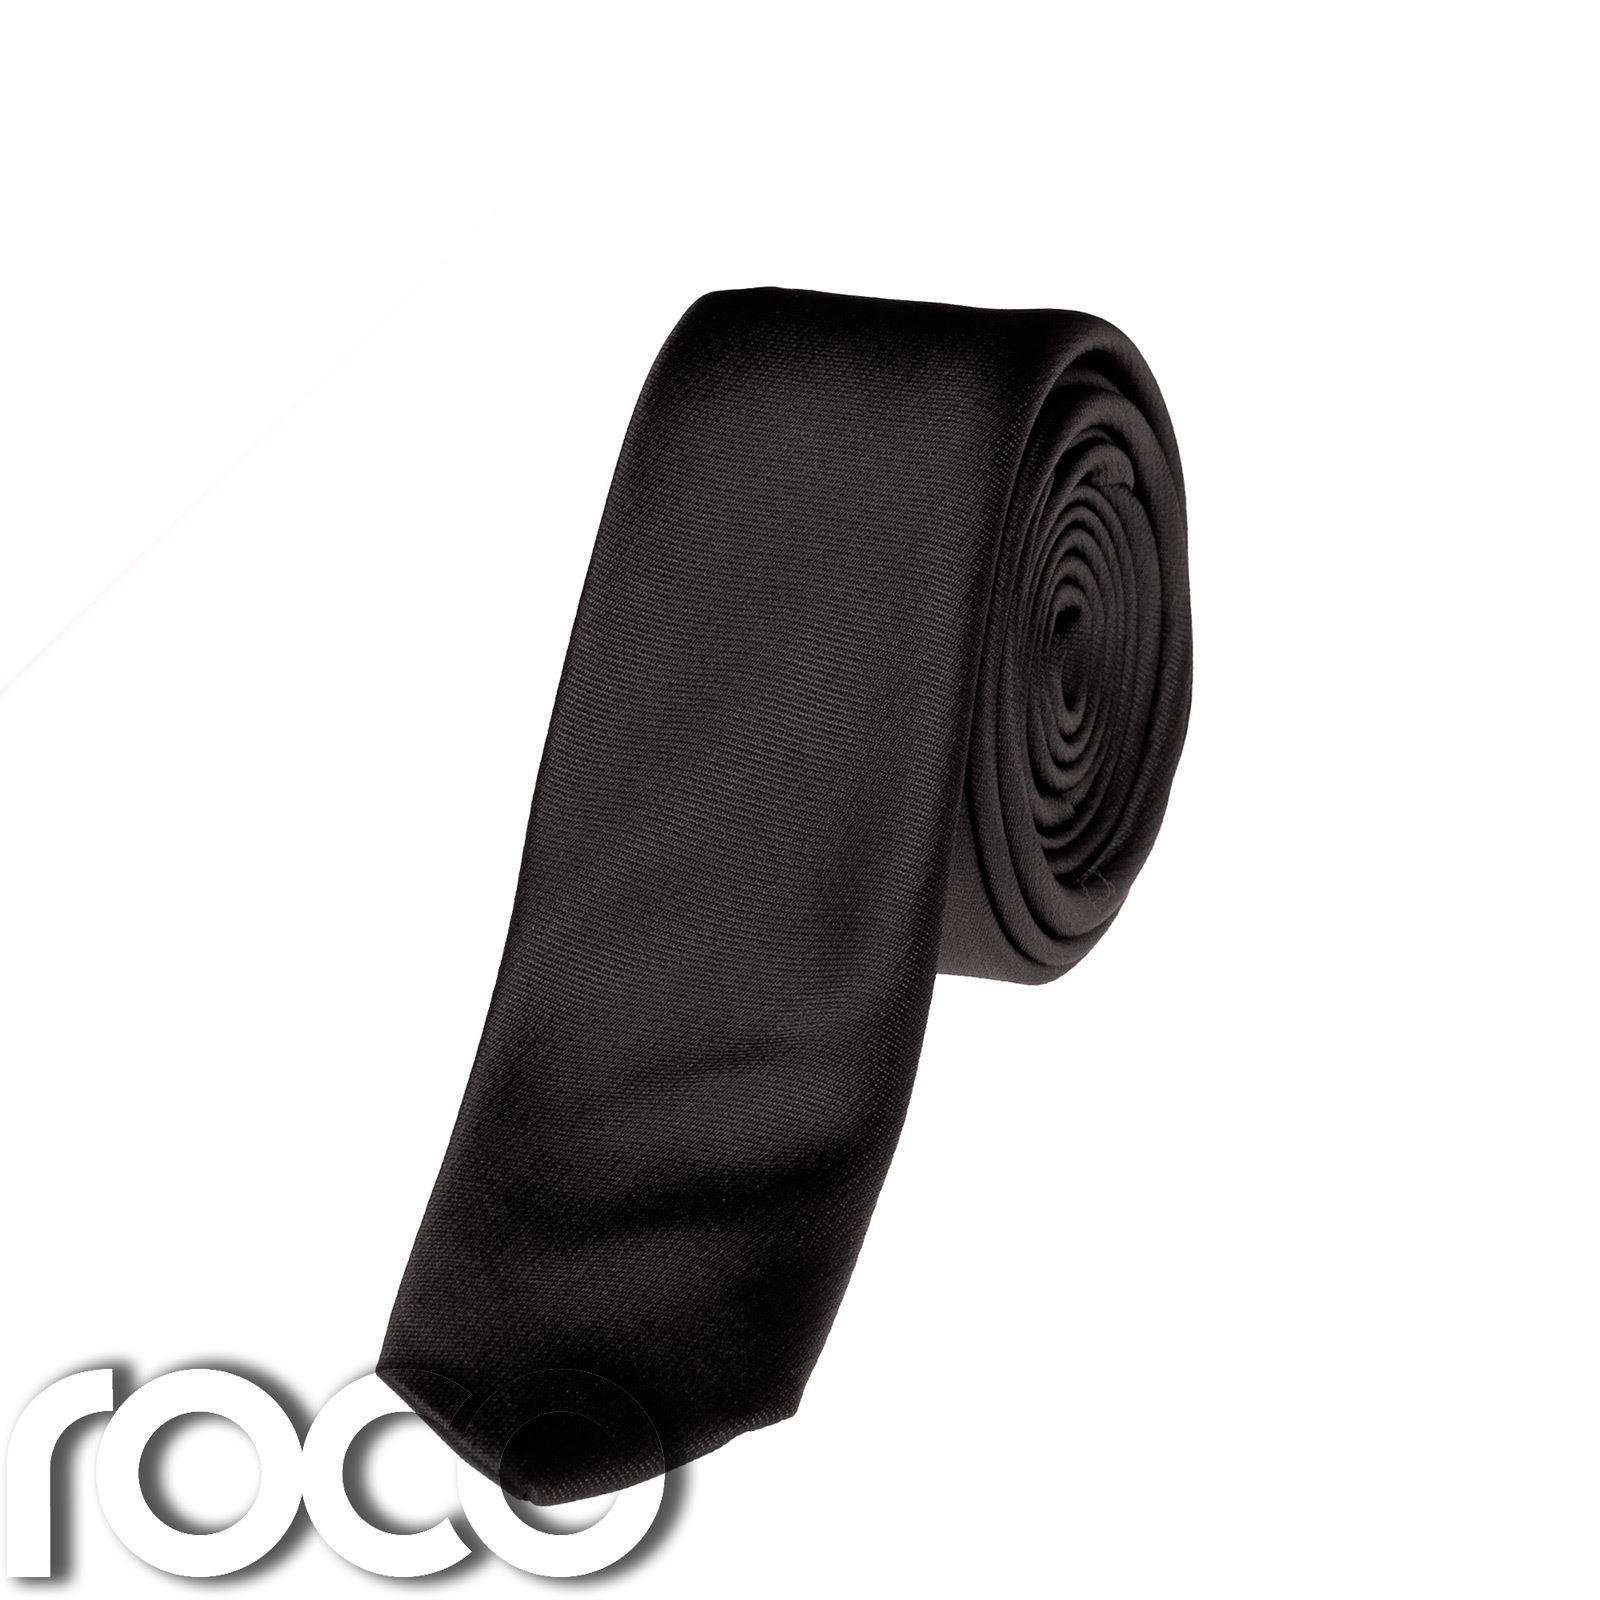 Nero Per Ragazzi Cravatte, Ragazzi Cravatte Sottili, Ragazzi Lacci Formali, Accessori Per Ragazzi, Ragazzi Cravatte-mostra Il Titolo Originale